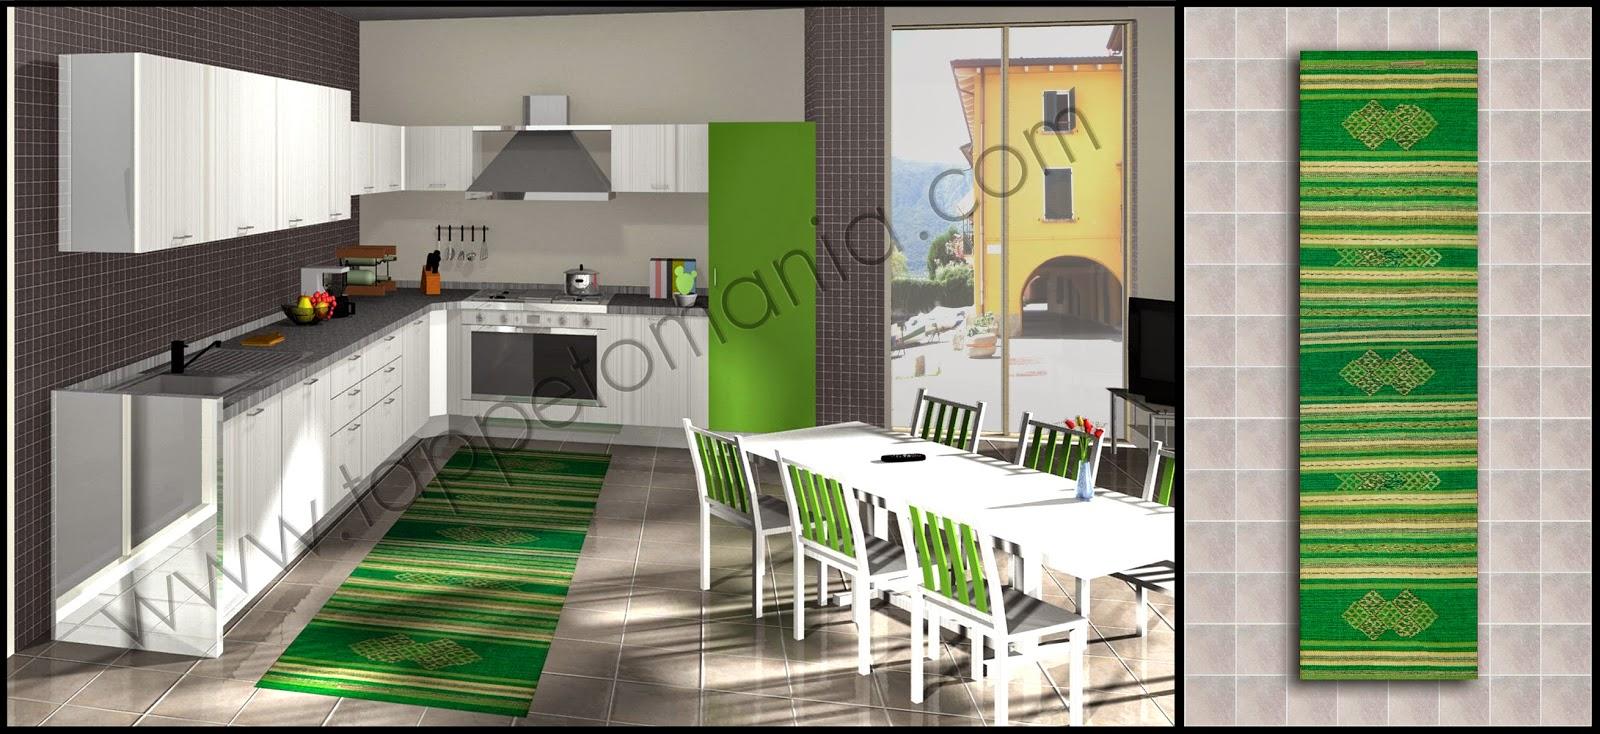 Tappeti per la cucina antiscivolo tappetomania su ebay for Tappeti casa classica